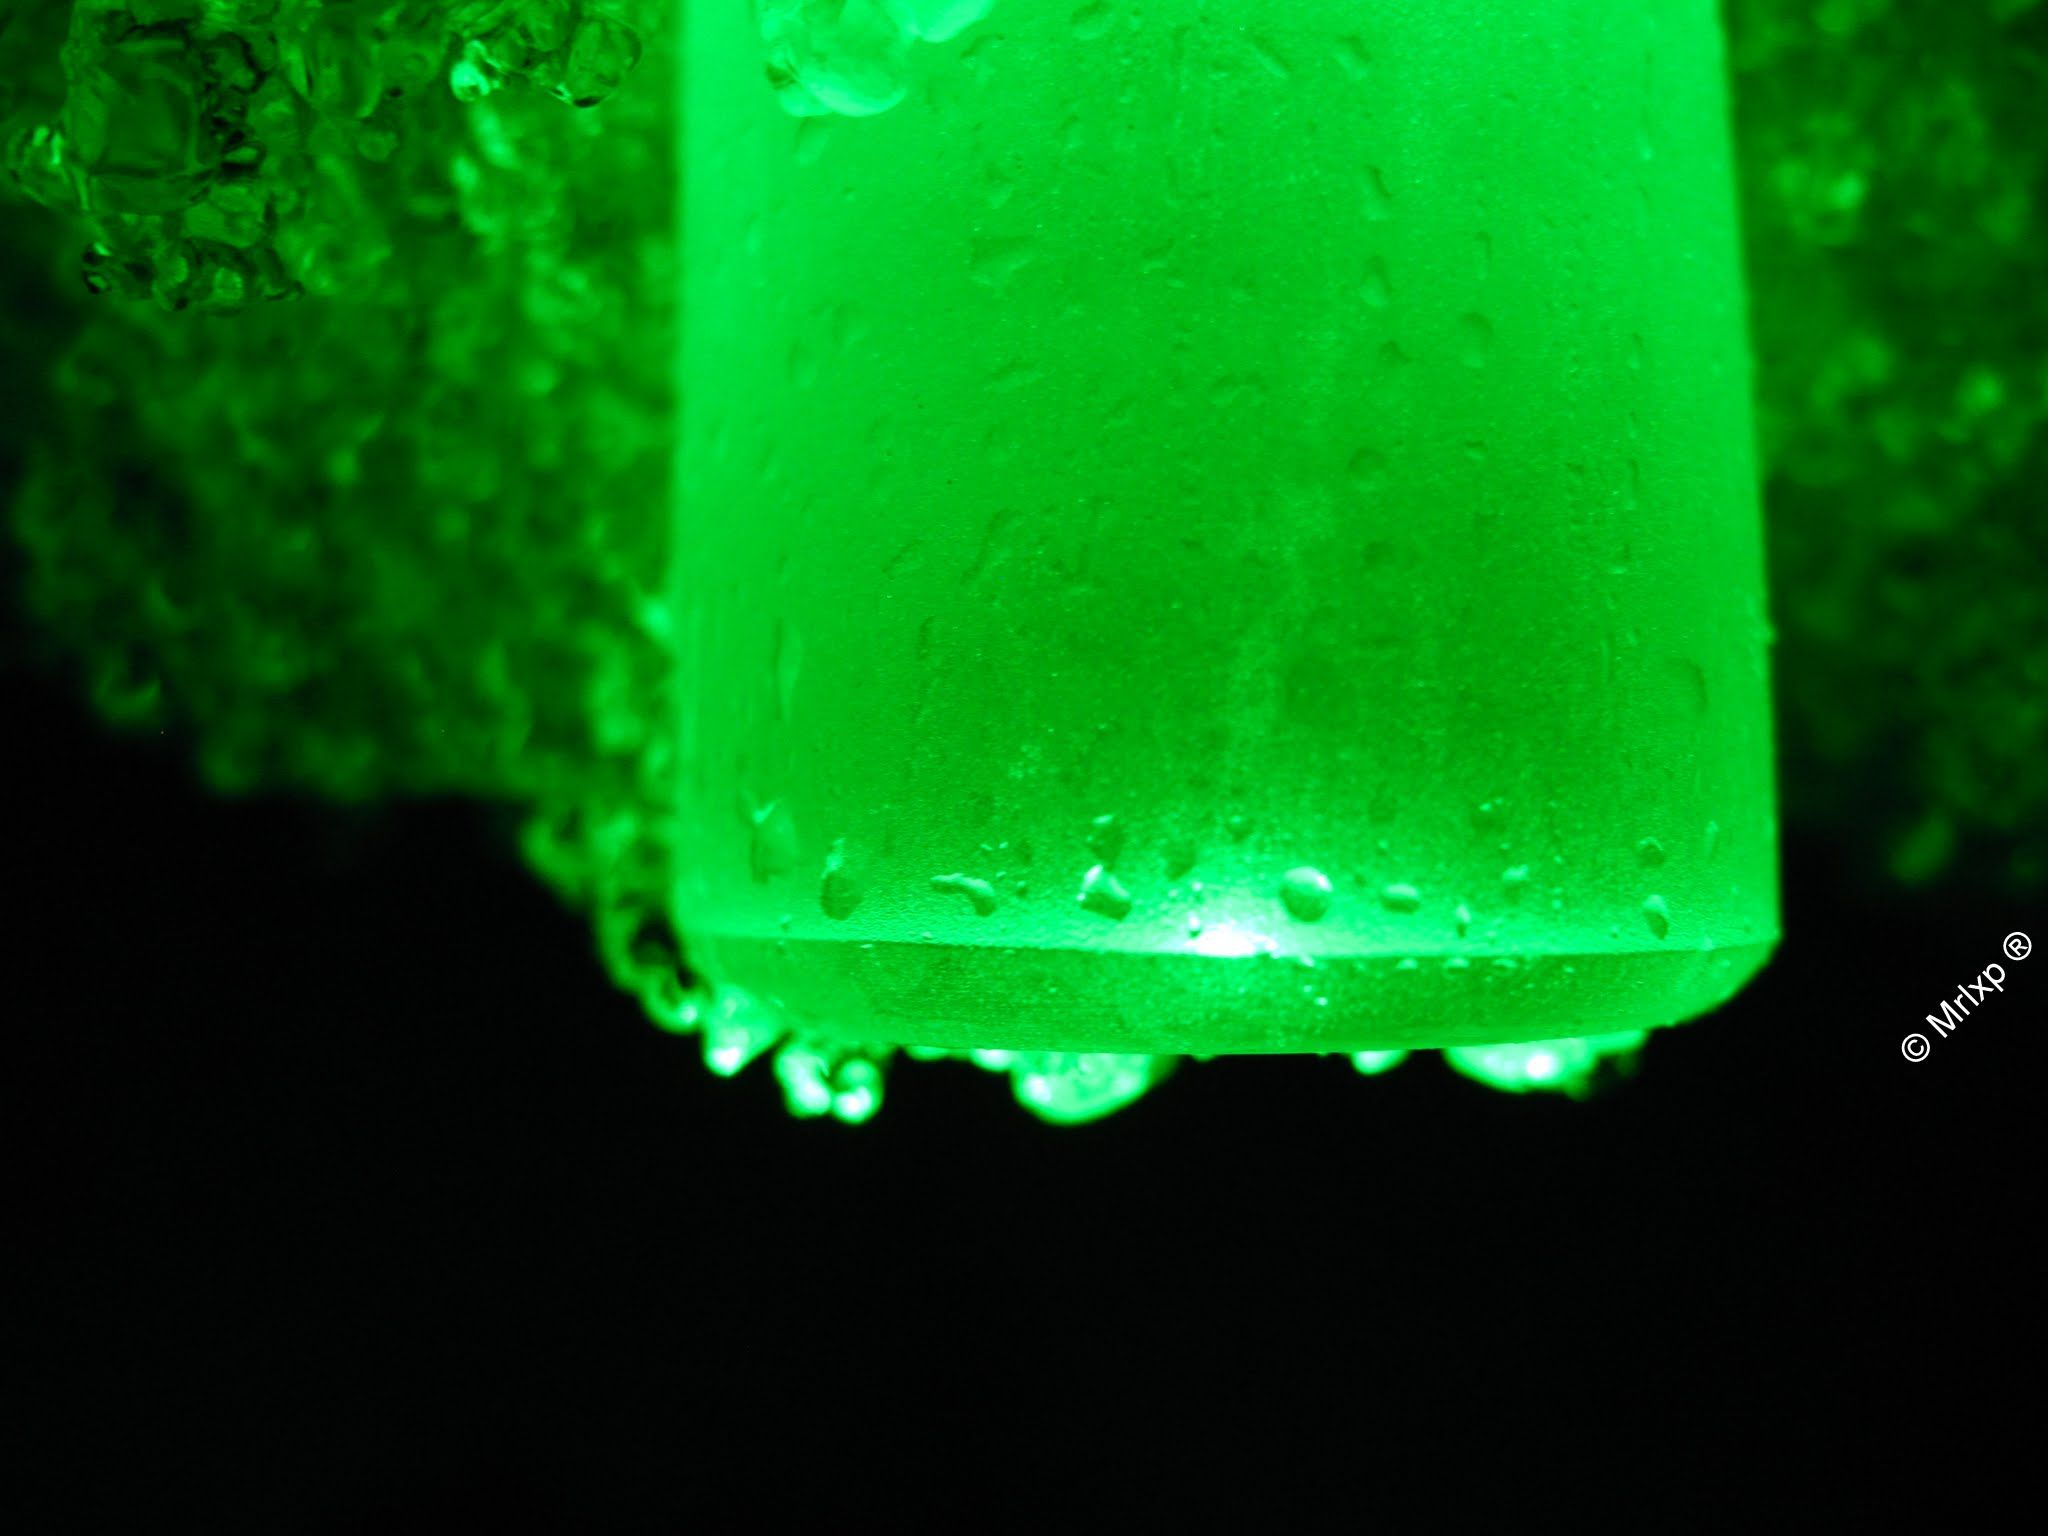 Bâton lumineux Inowa http://youtu.be/uKz2max95vg